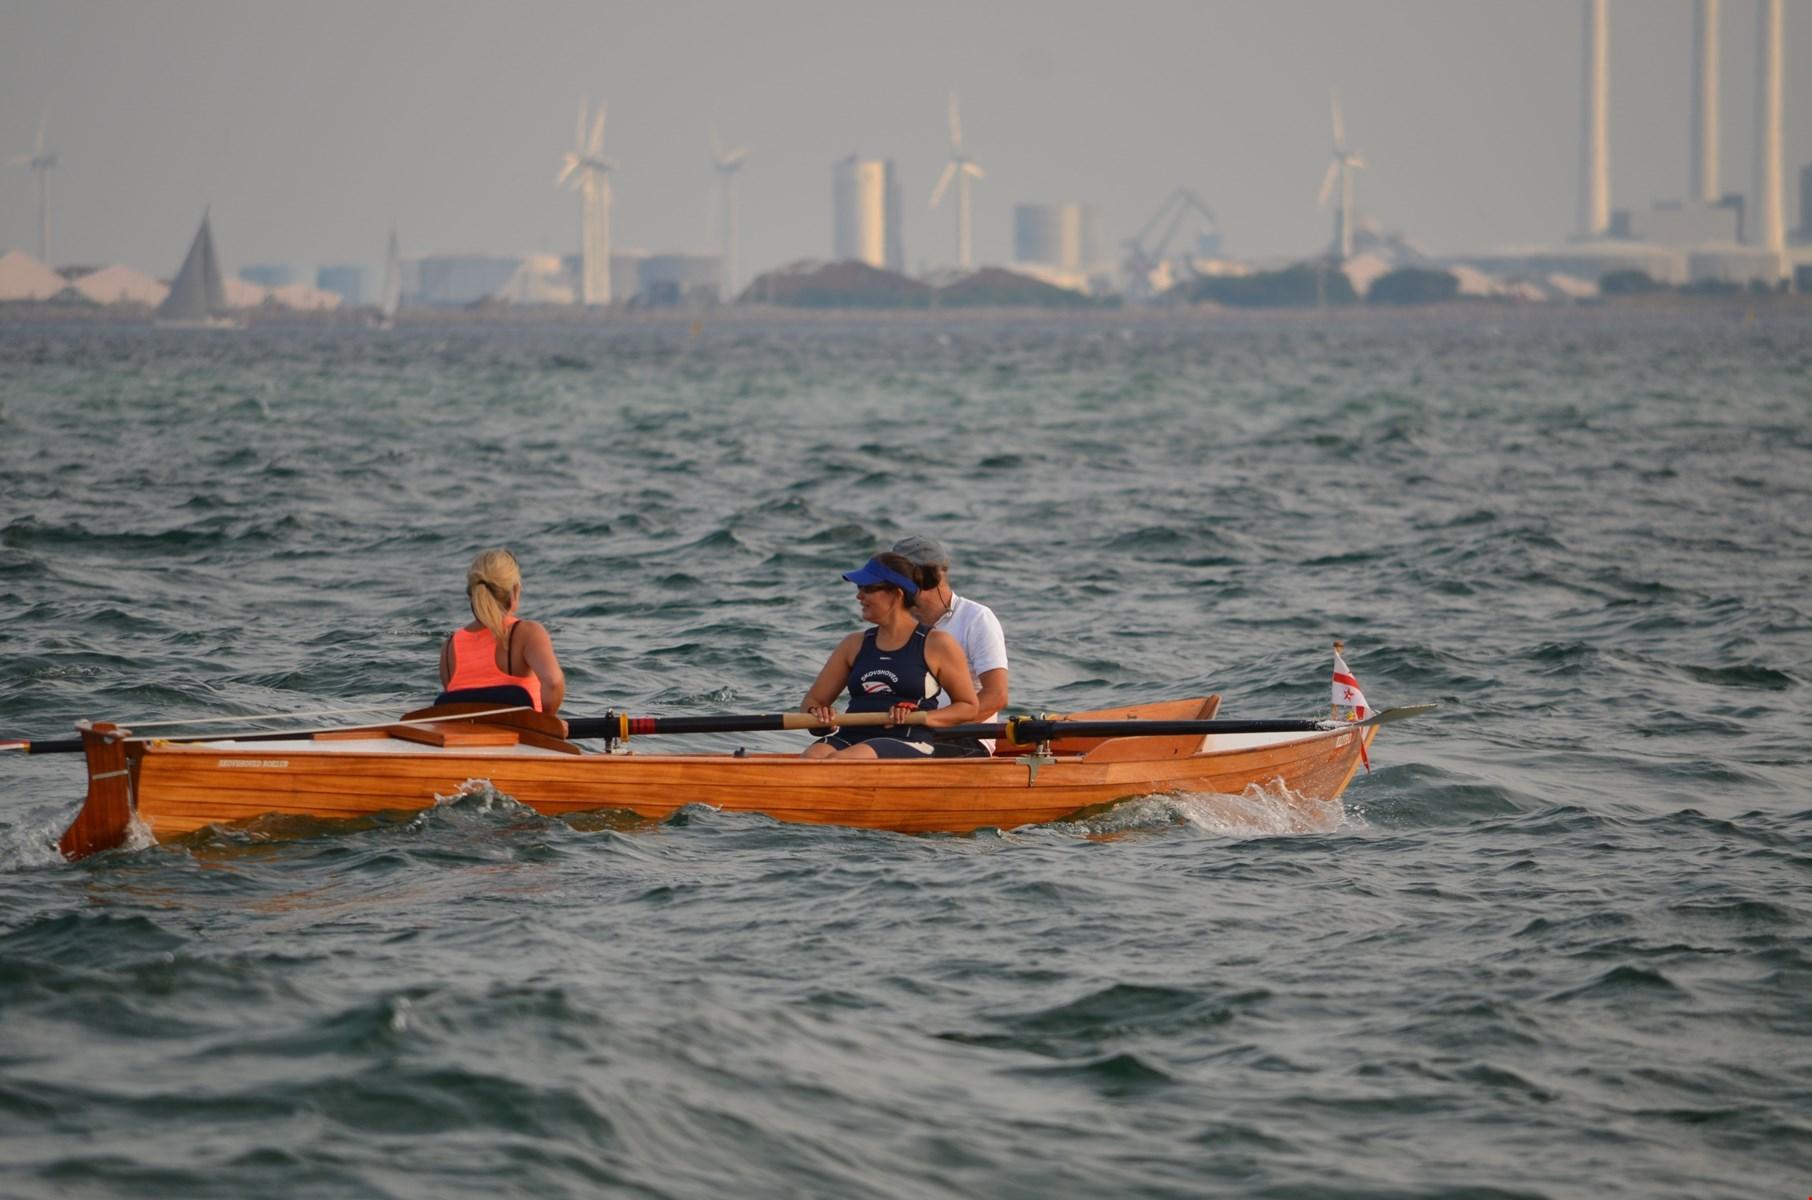 Robåd: Sved-på-panden roning - tilmelding